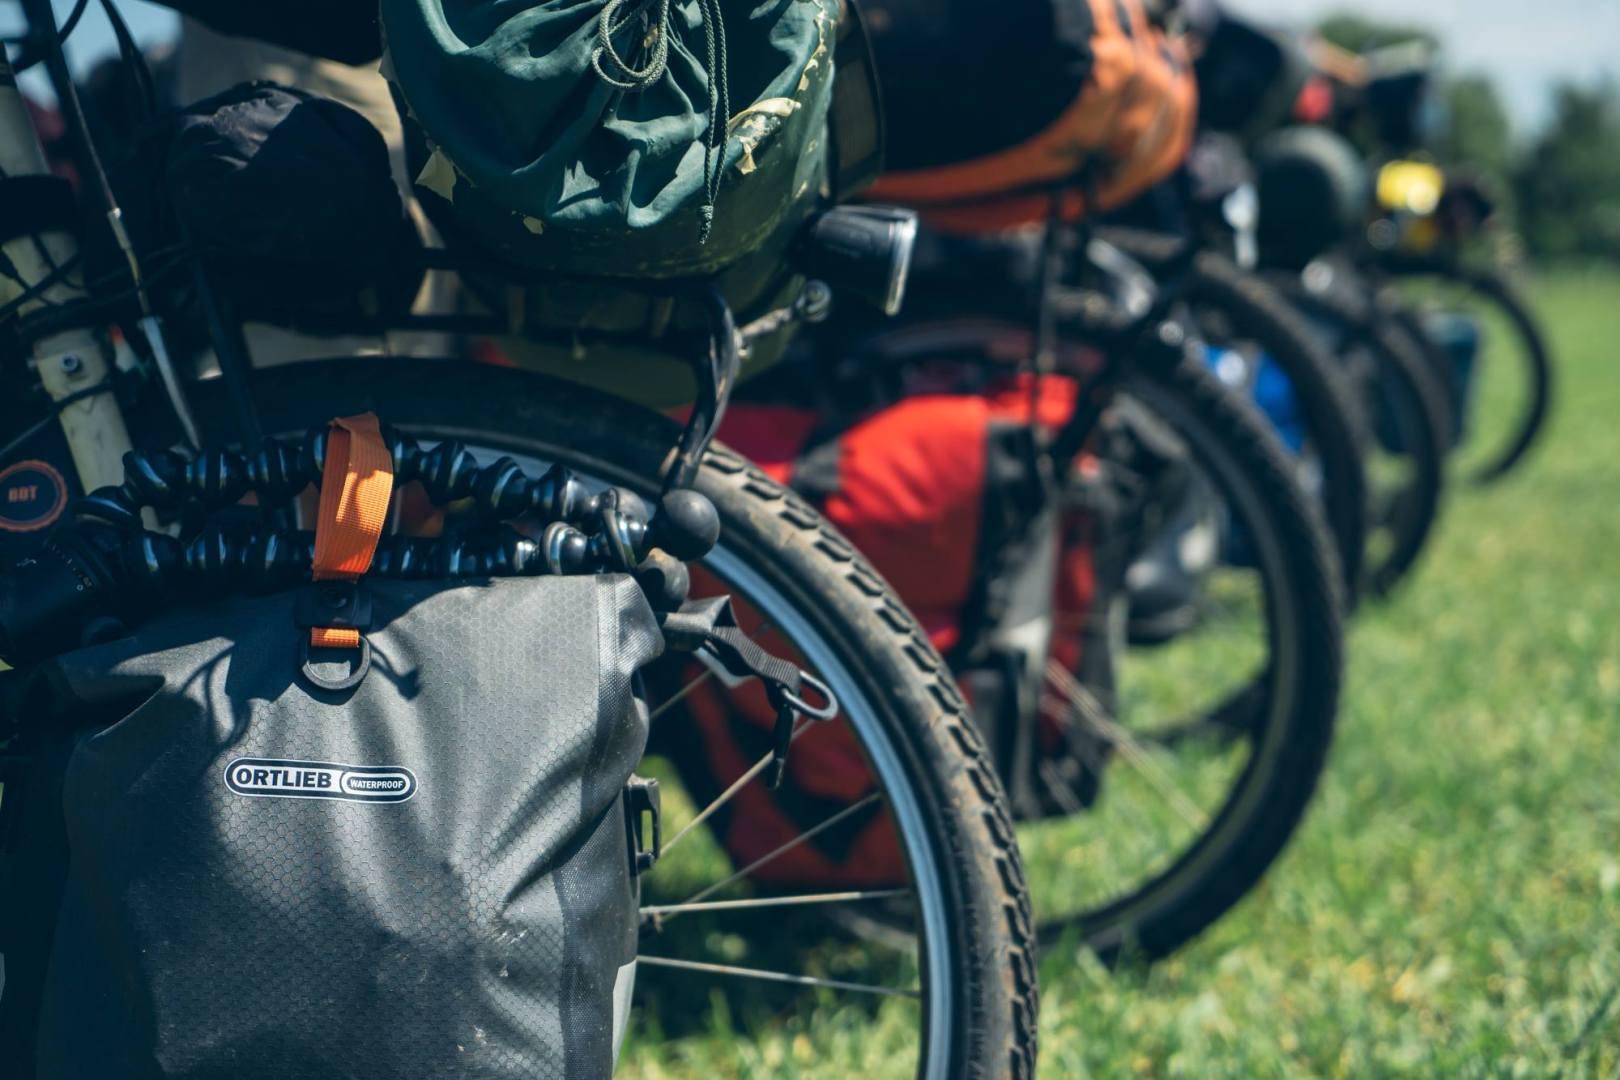 Les 6 vélos prêts pour une nouvelle étape